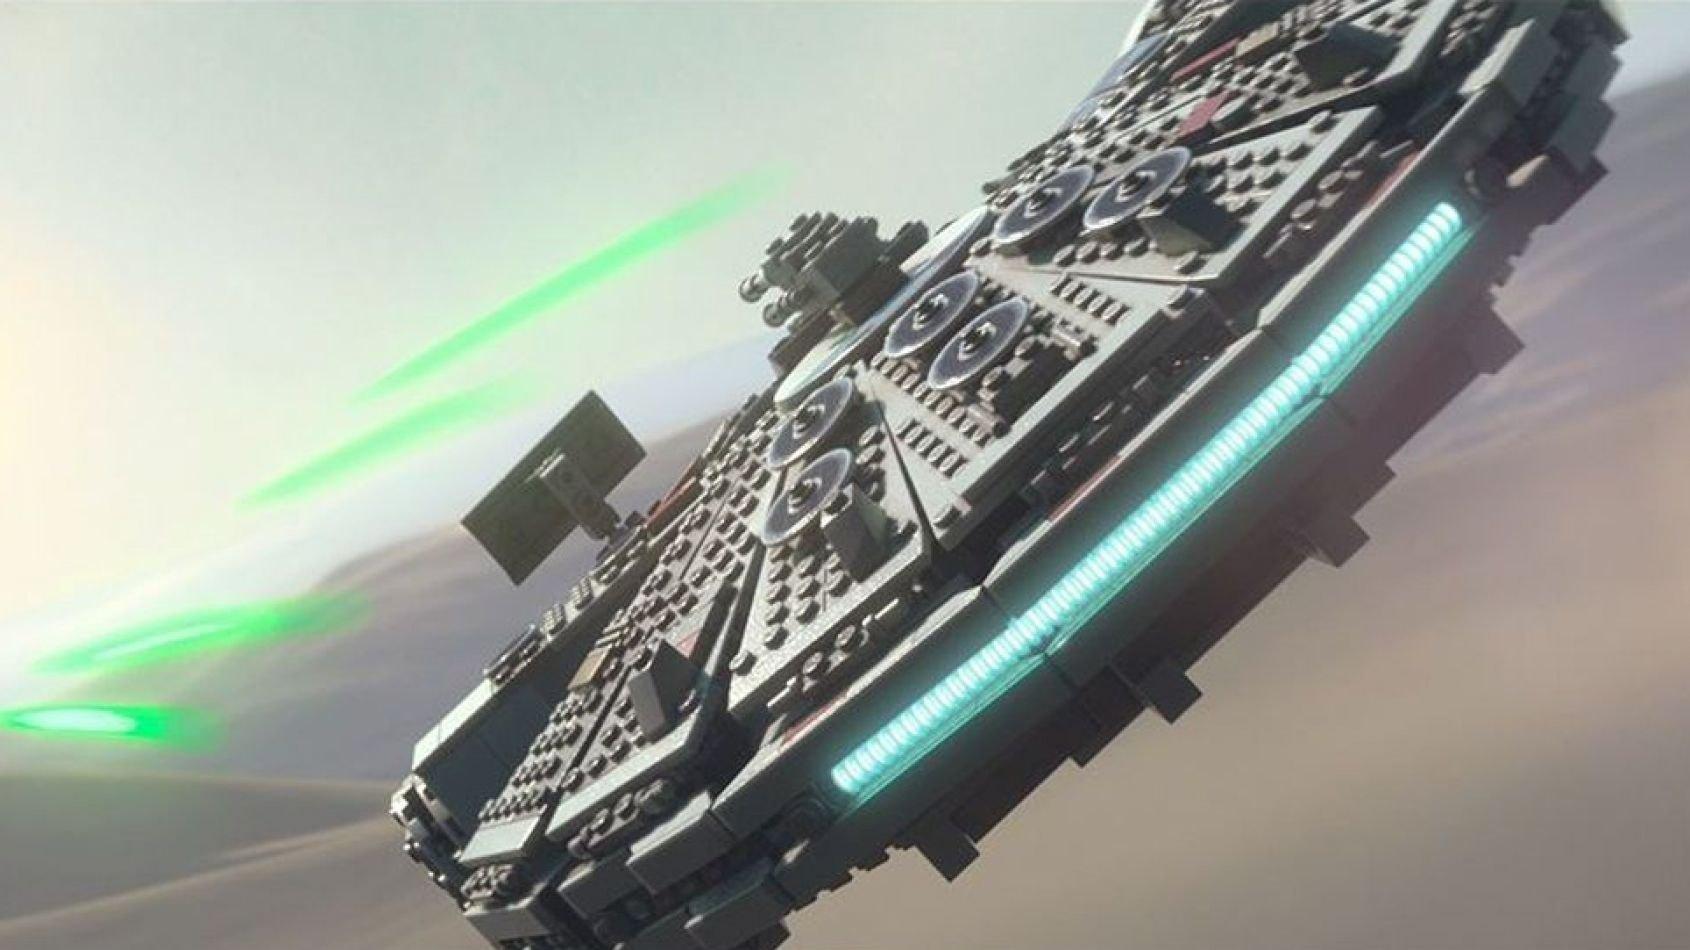 Lego annonce le plus gros set Star Wars jamais produit !